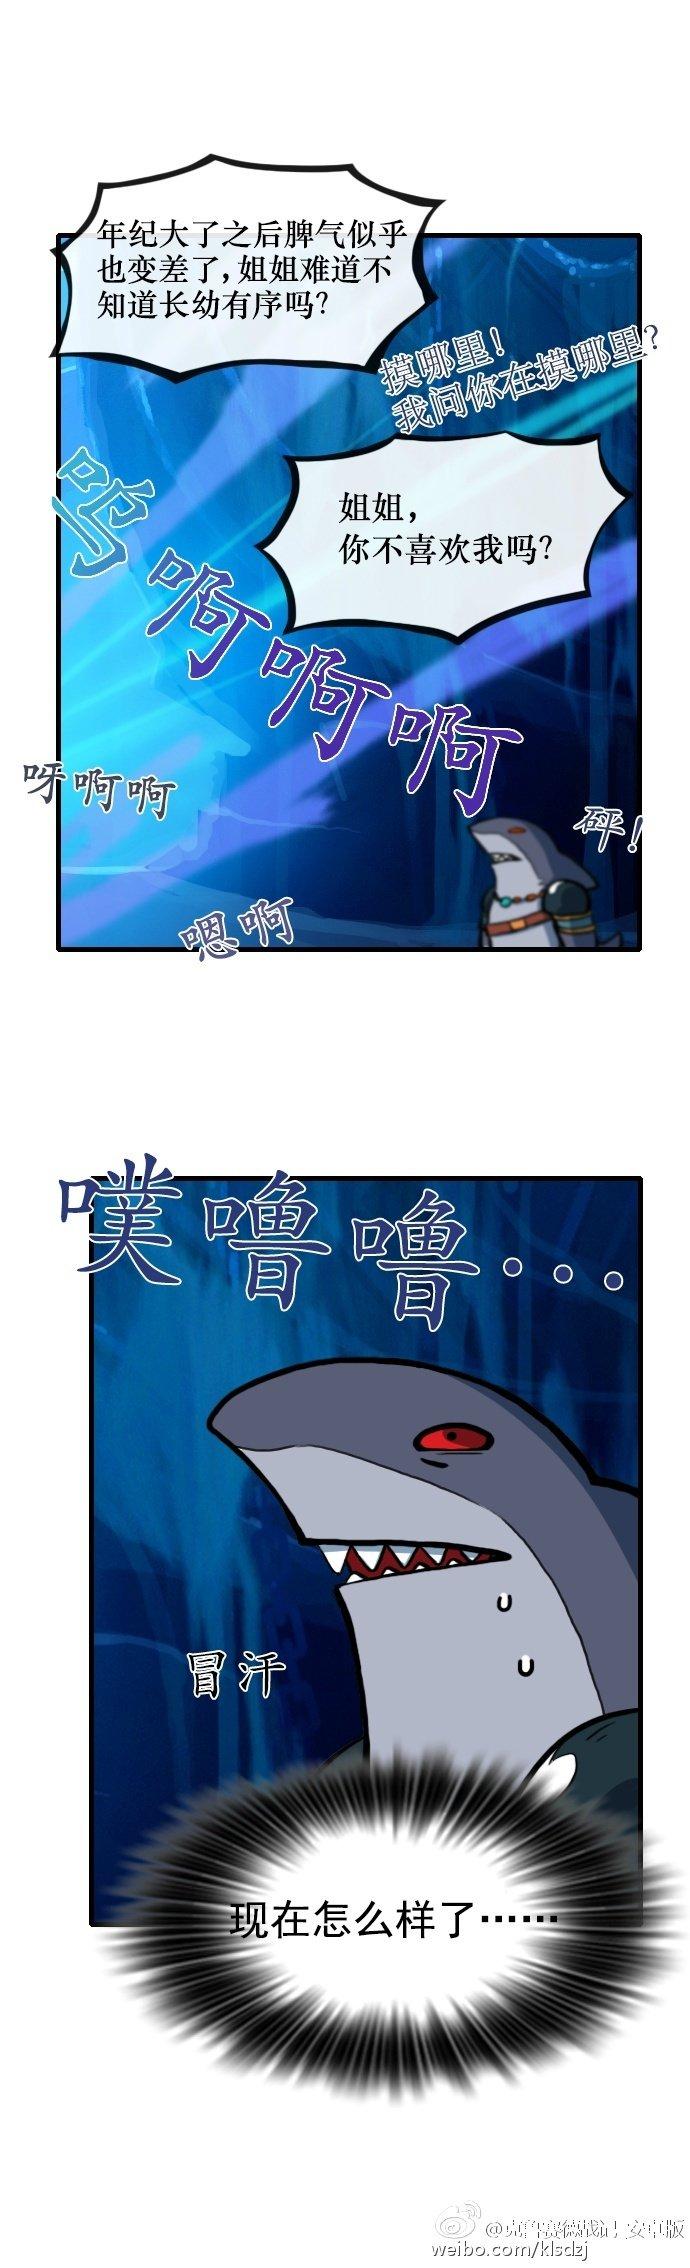 克鲁赛德战记漫画404.jpg